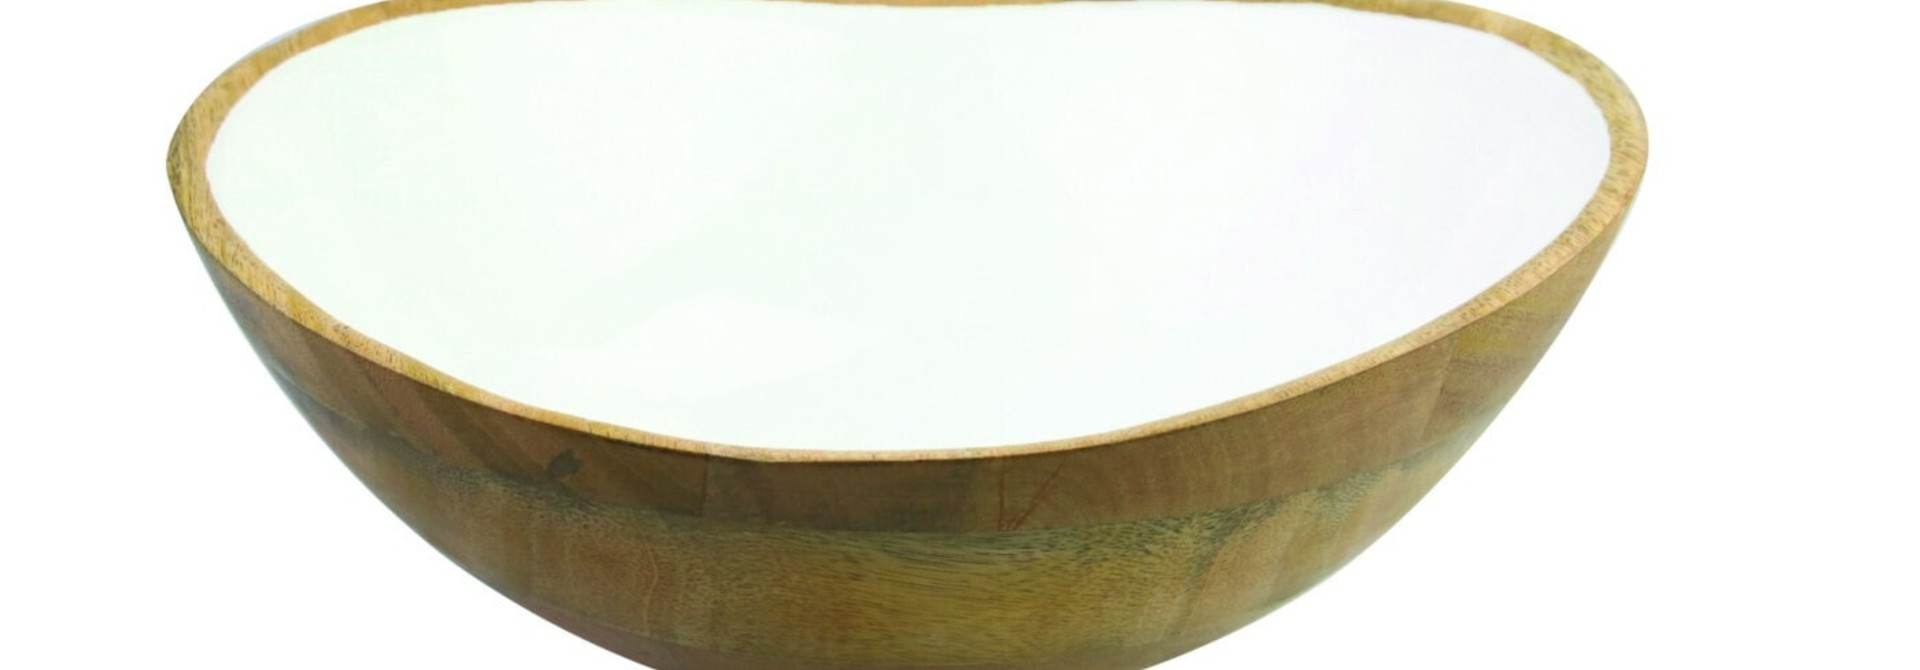 Mango Wood & White Enamel Bowl - Large